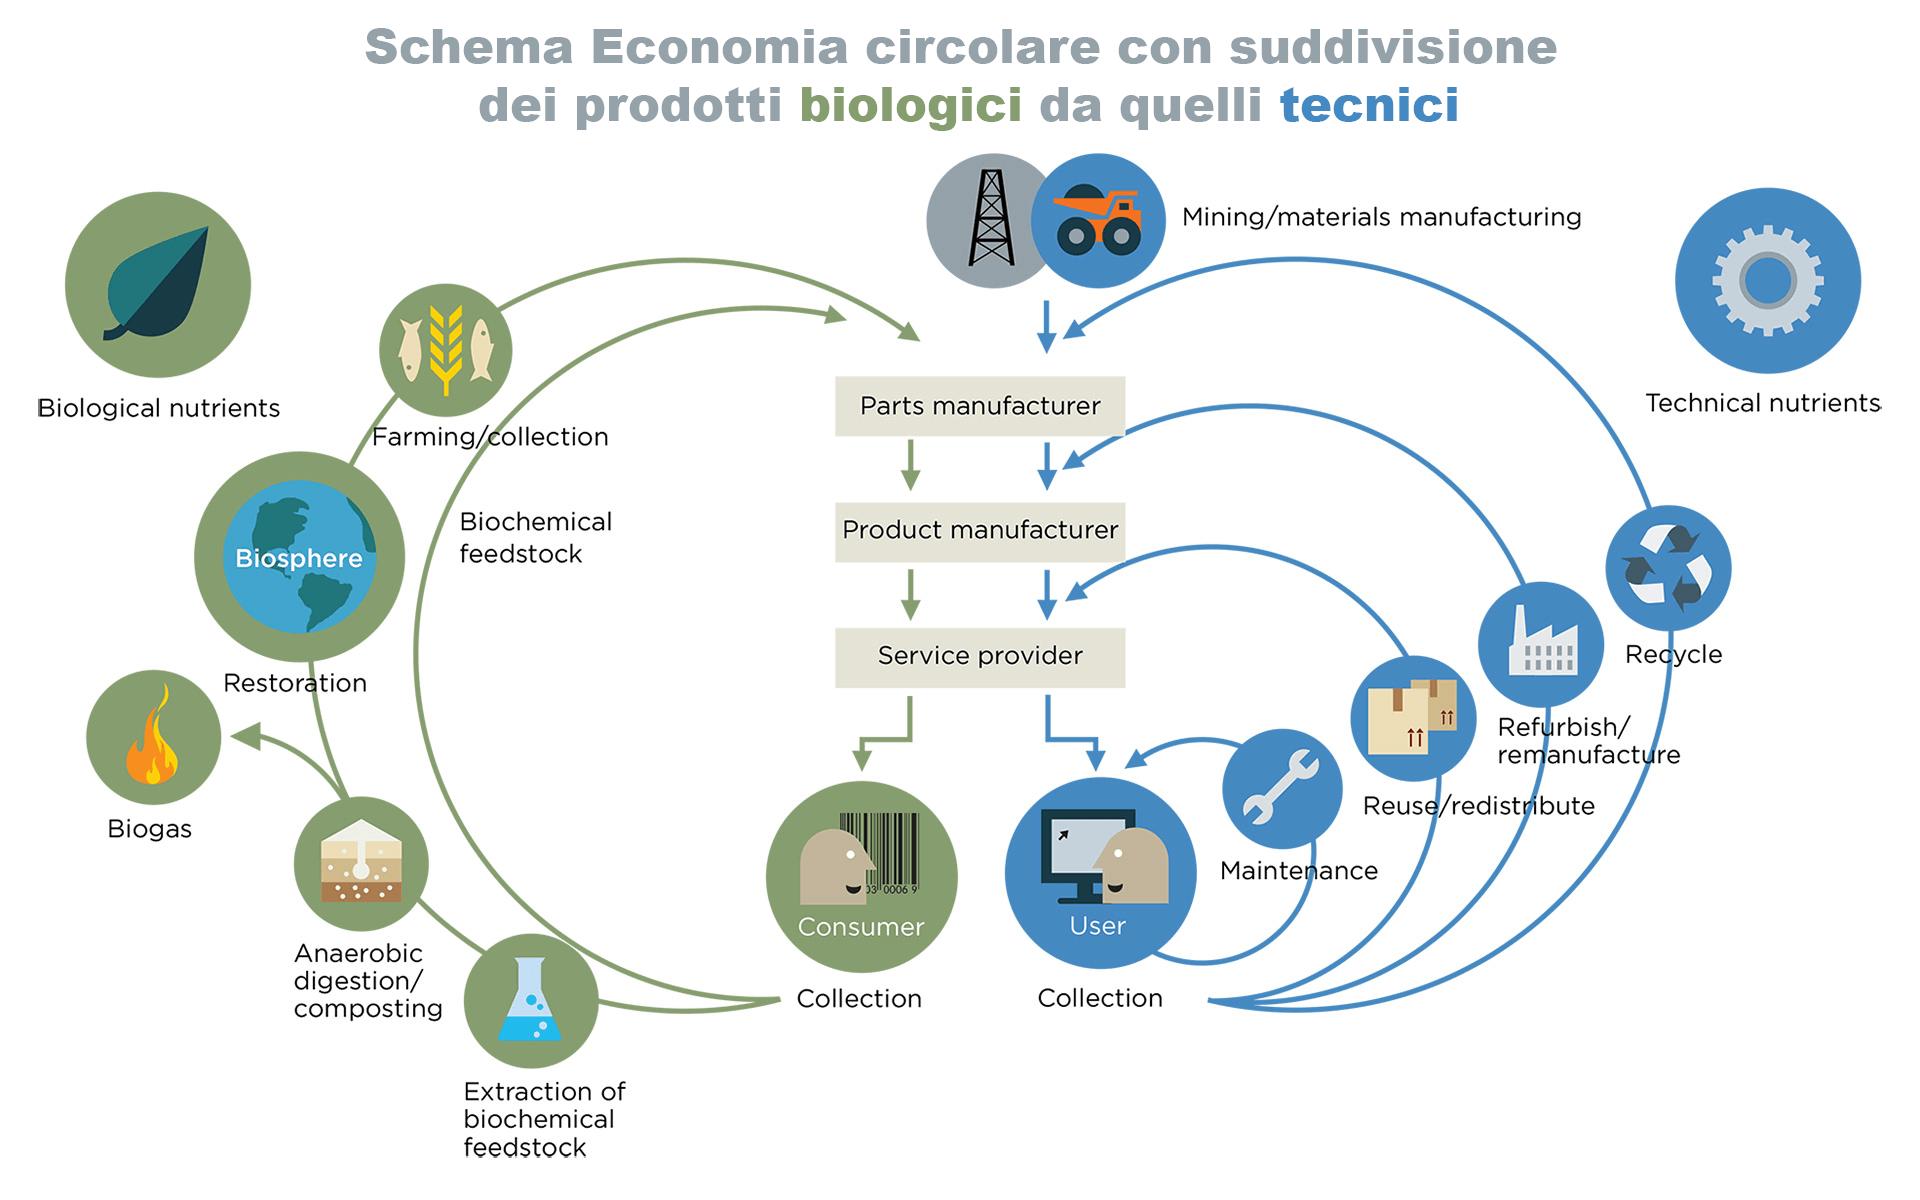 Rappresentazione schematica dell'economia circolare, con suddivisione tra prodotti biologici e tecnici